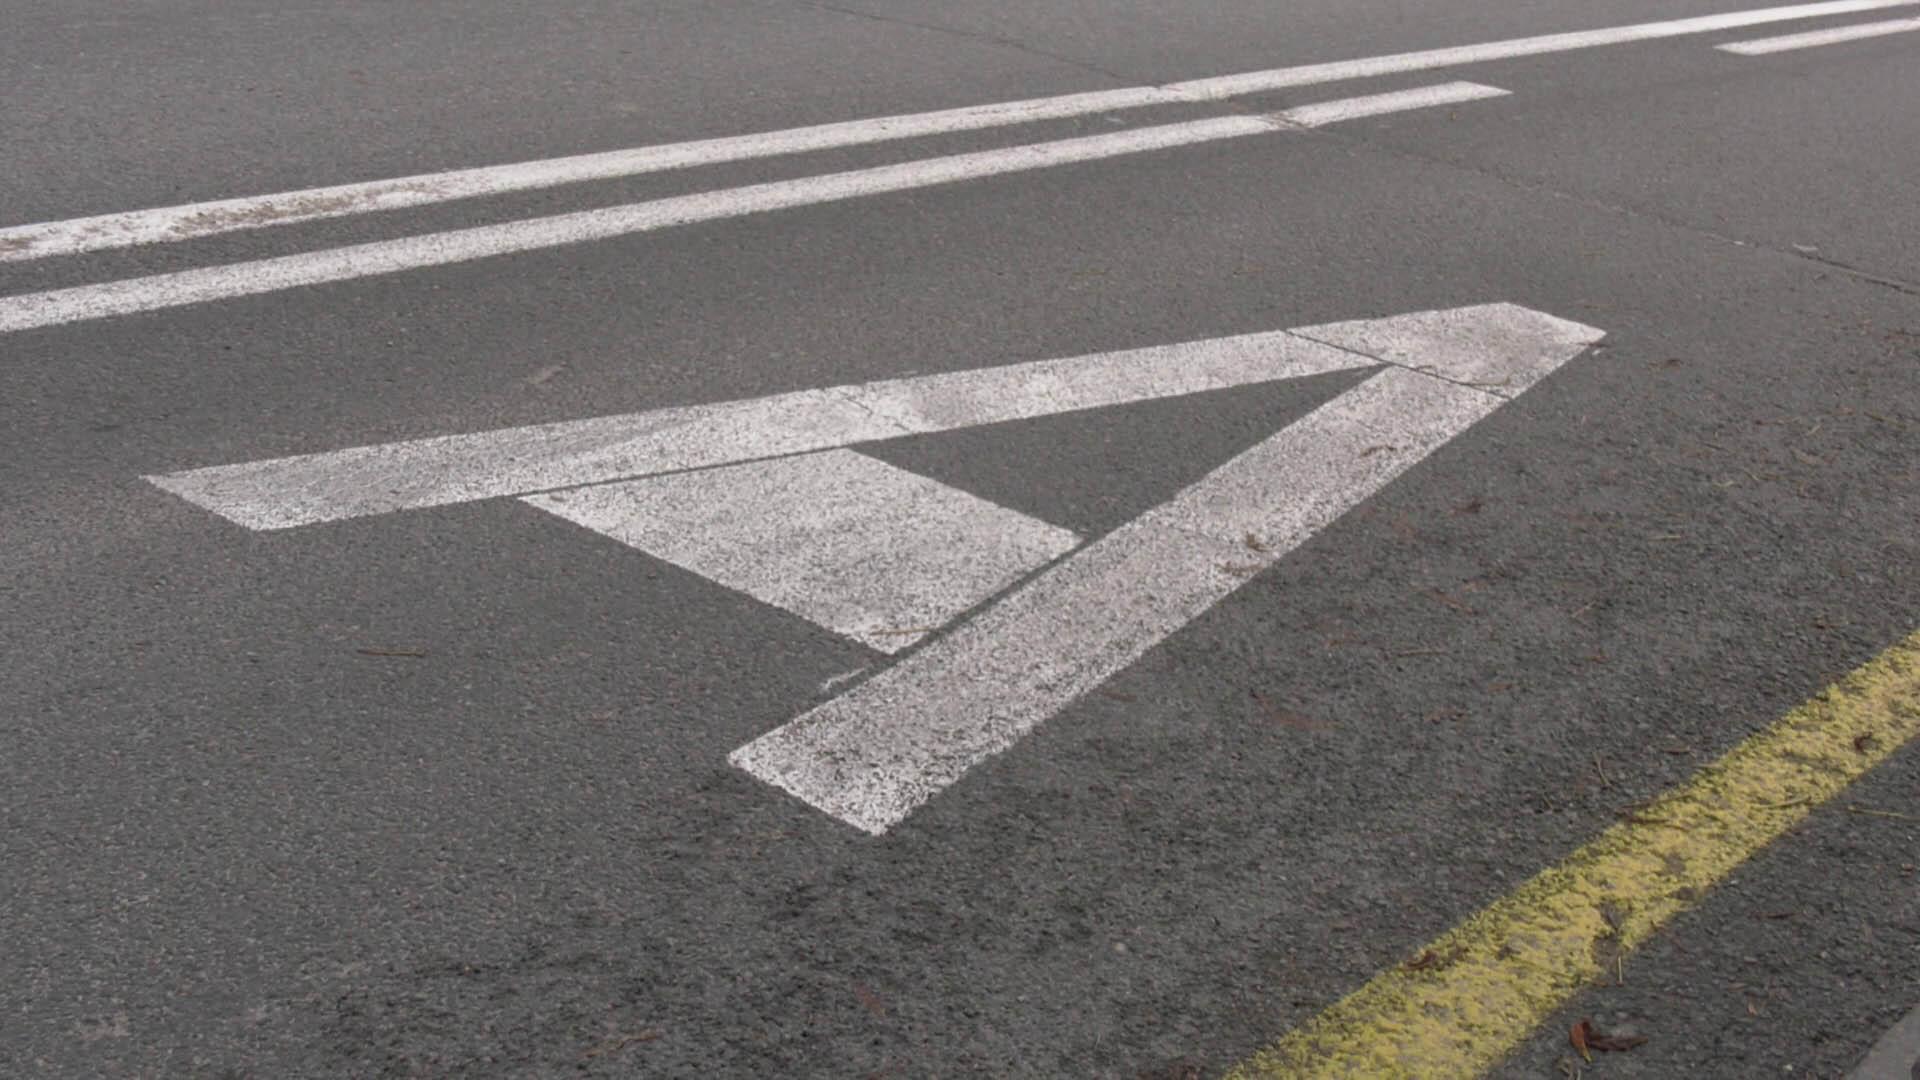 В Москве начнут круглосуточно работать выделенные полосы для такси и общественного транспорта